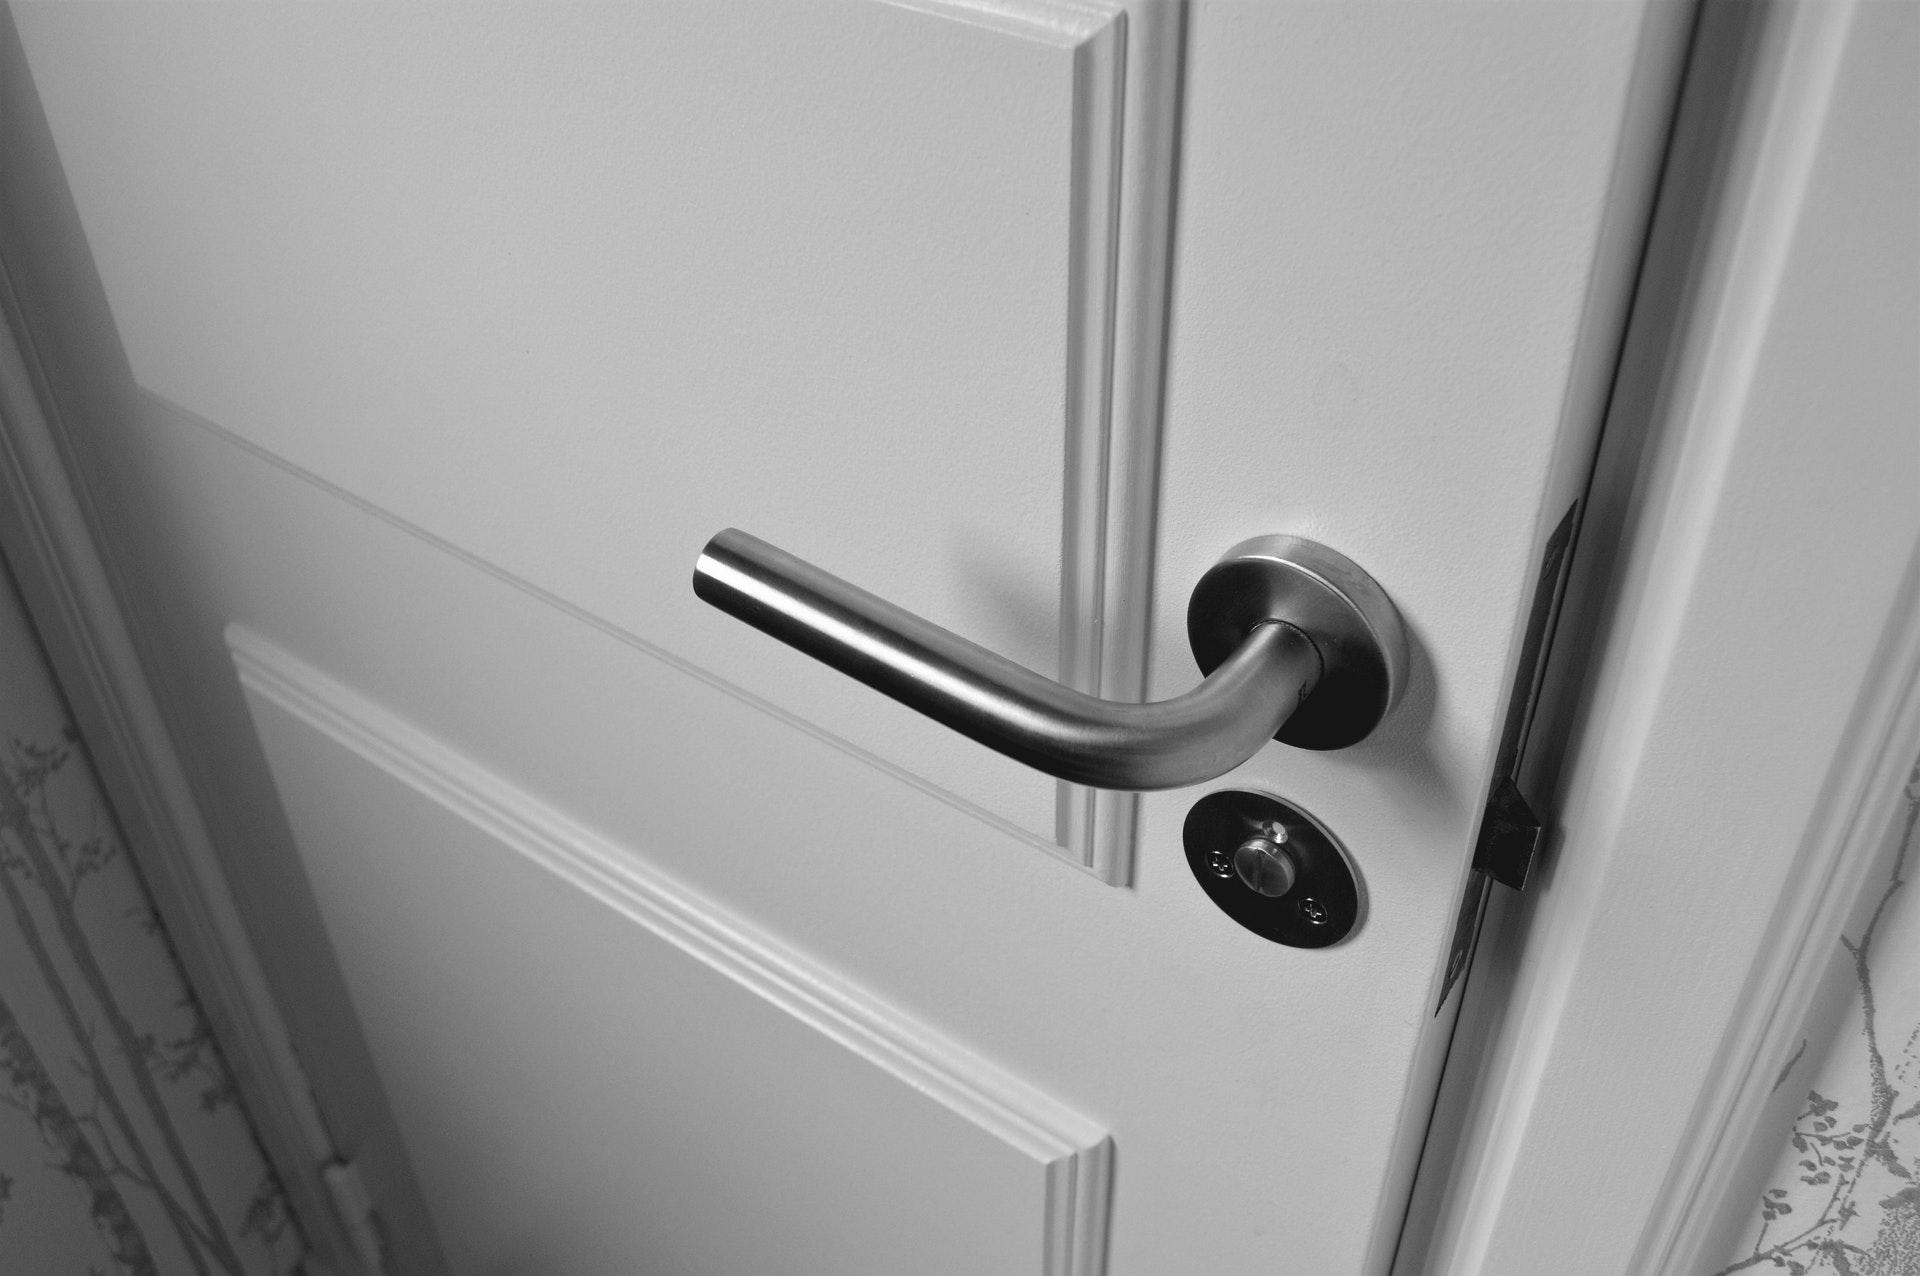 La Policía Nacional ha señalado qué marcas en las puertas utilizan los ladrones antes de realizar robos en domicilios.